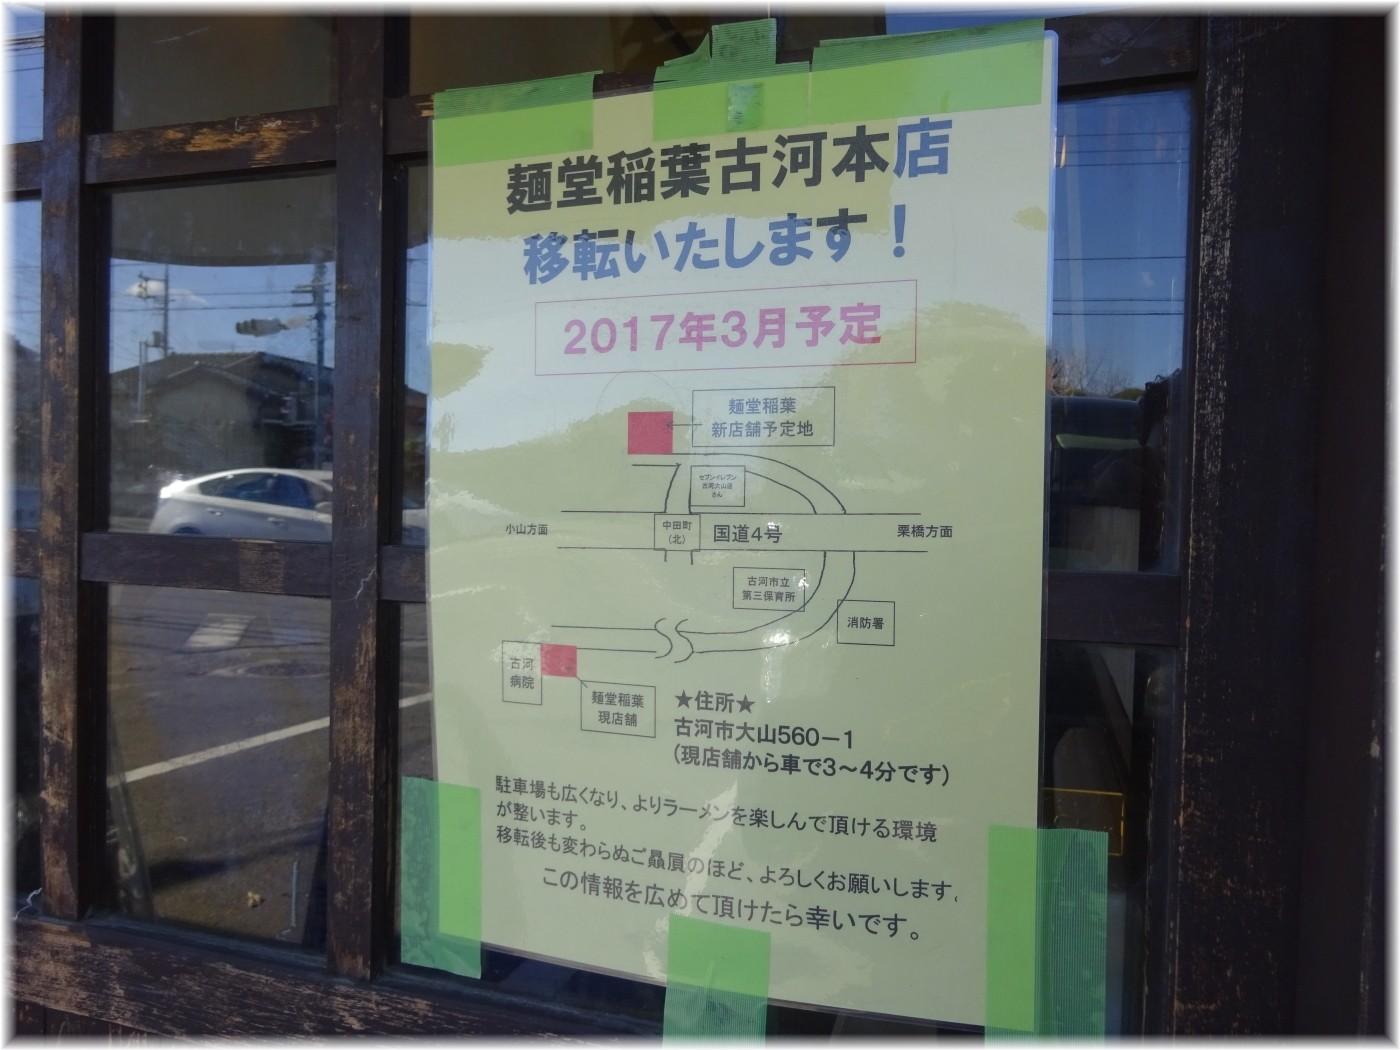 麺堂稲葉 移転のお知らせ